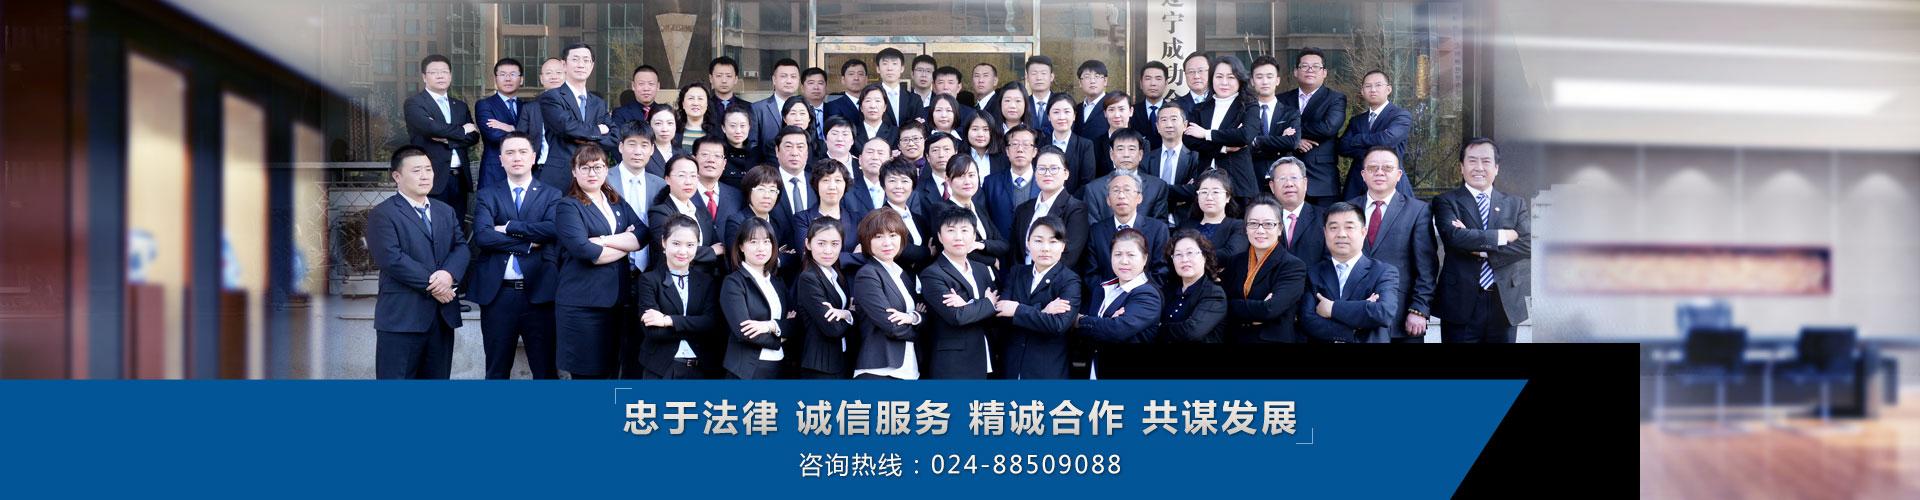 辽宁成功金盟律师事务所